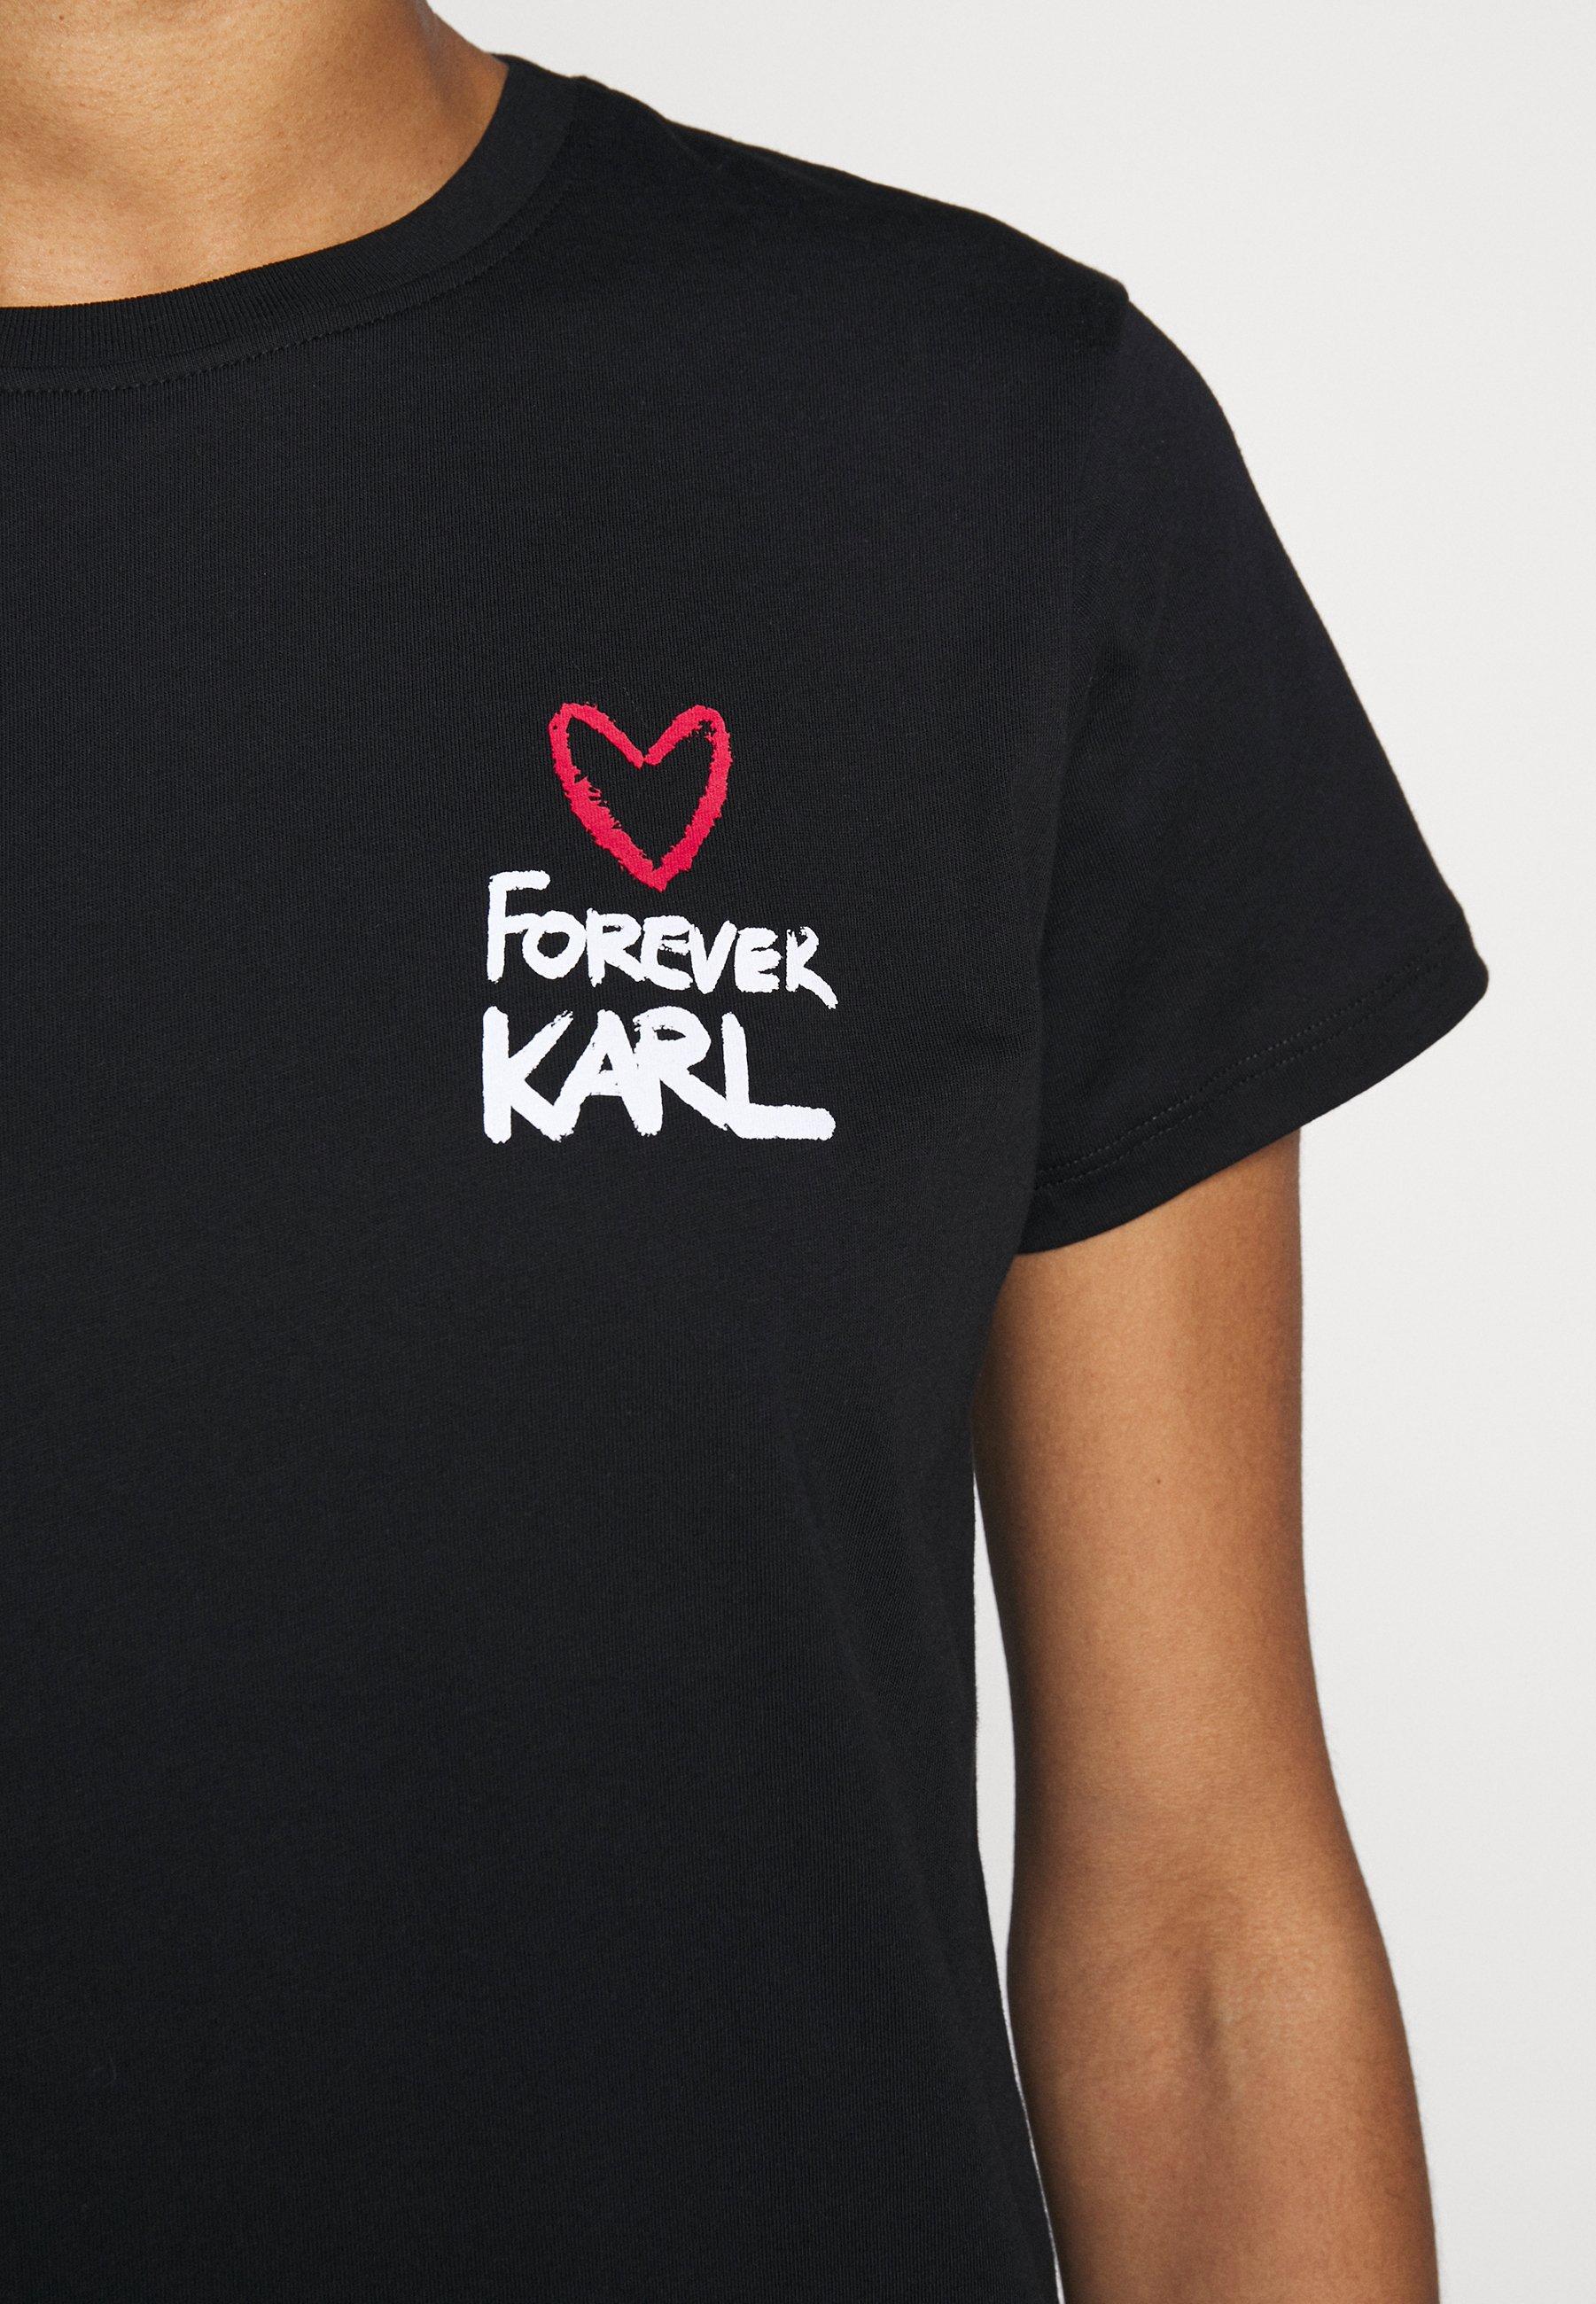 Karl Lagerfeld Forever - T-shirts Med Print Black/svart